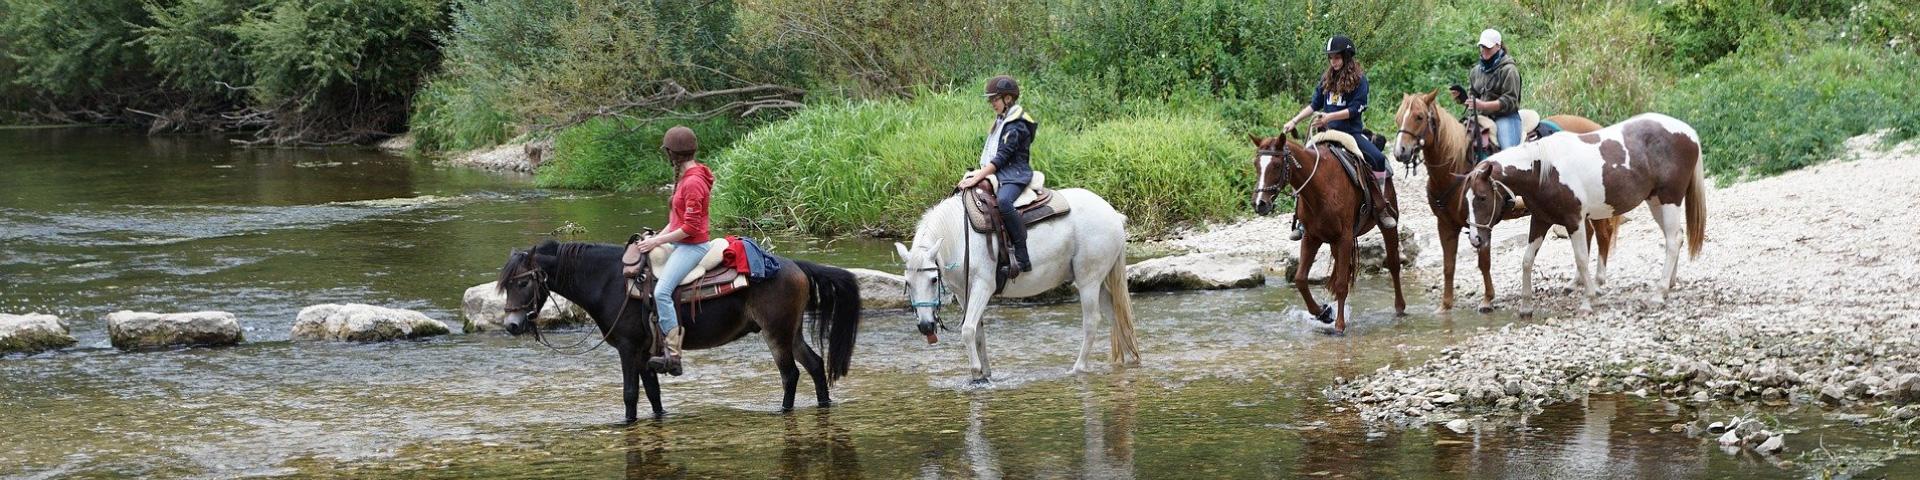 Randonnées à cheval - Bouille-Courdault en Vendée